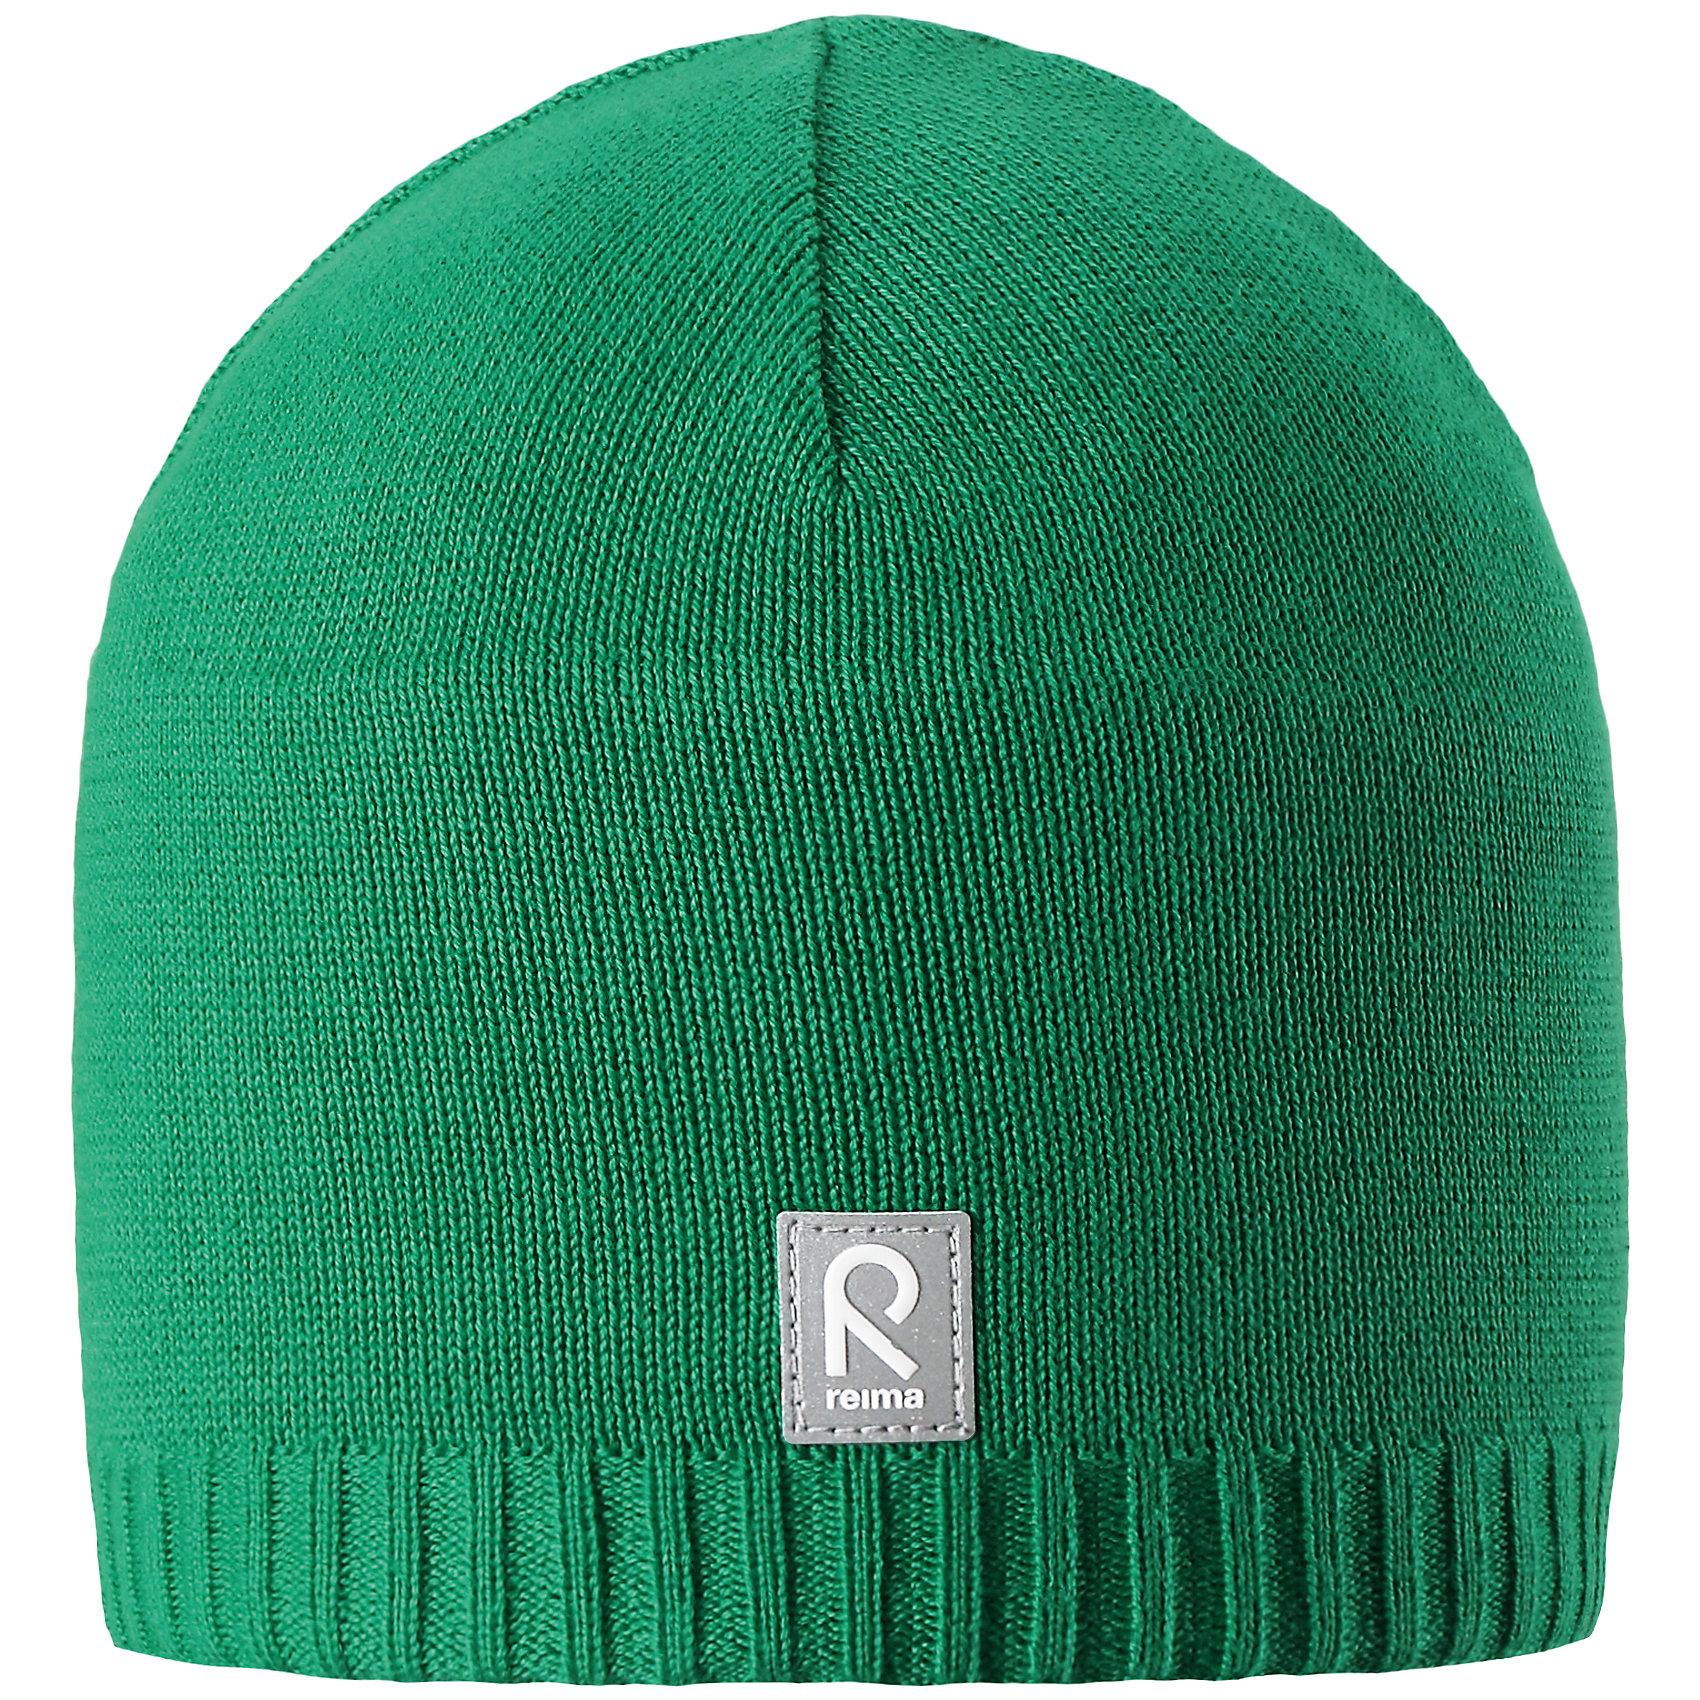 Шапка Datoline ReimaШапки и шарфы<br>Характеристики товара:<br><br>• цвет: зелёный<br>• состав: 100% хлопок<br>• температурный режим: от +7С<br>• эластичный хлопковый трикотаж<br>• изделие сертифицированно по стандарту Oeko-Tex на продукцию класса 2 - одежда, контактирующая с кожей<br>• ветронепроницаемые вставки в области ушей<br>• полуподкладка: хлопковый трикотаж<br>• эмблема Reima спереди<br>• светоотражающая эмблема спереди<br>• страна бренда: Финляндия<br>• страна производства: Китай<br><br>Детский головной убор может быть модным и удобным одновременно! Стильная шапка поможет обеспечить ребенку комфорт и дополнить наряд.Шапка удобно сидит и аккуратно выглядит. Проста в уходе, долго служит. Стильный дизайн разрабатывался специально для детей. Отличная защита от дождя и ветра!<br><br>Уход:<br><br>• стирать по отдельности, вывернув наизнанку<br>• придать первоначальную форму вo влажном виде<br>• возможна усадка 5 %.<br><br>Шапку от финского бренда Reima (Рейма) можно купить в нашем интернет-магазине.<br><br>Ширина мм: 89<br>Глубина мм: 117<br>Высота мм: 44<br>Вес г: 155<br>Цвет: зеленый<br>Возраст от месяцев: 24<br>Возраст до месяцев: 60<br>Пол: Унисекс<br>Возраст: Детский<br>Размер: 52,56,54,50<br>SKU: 5267955